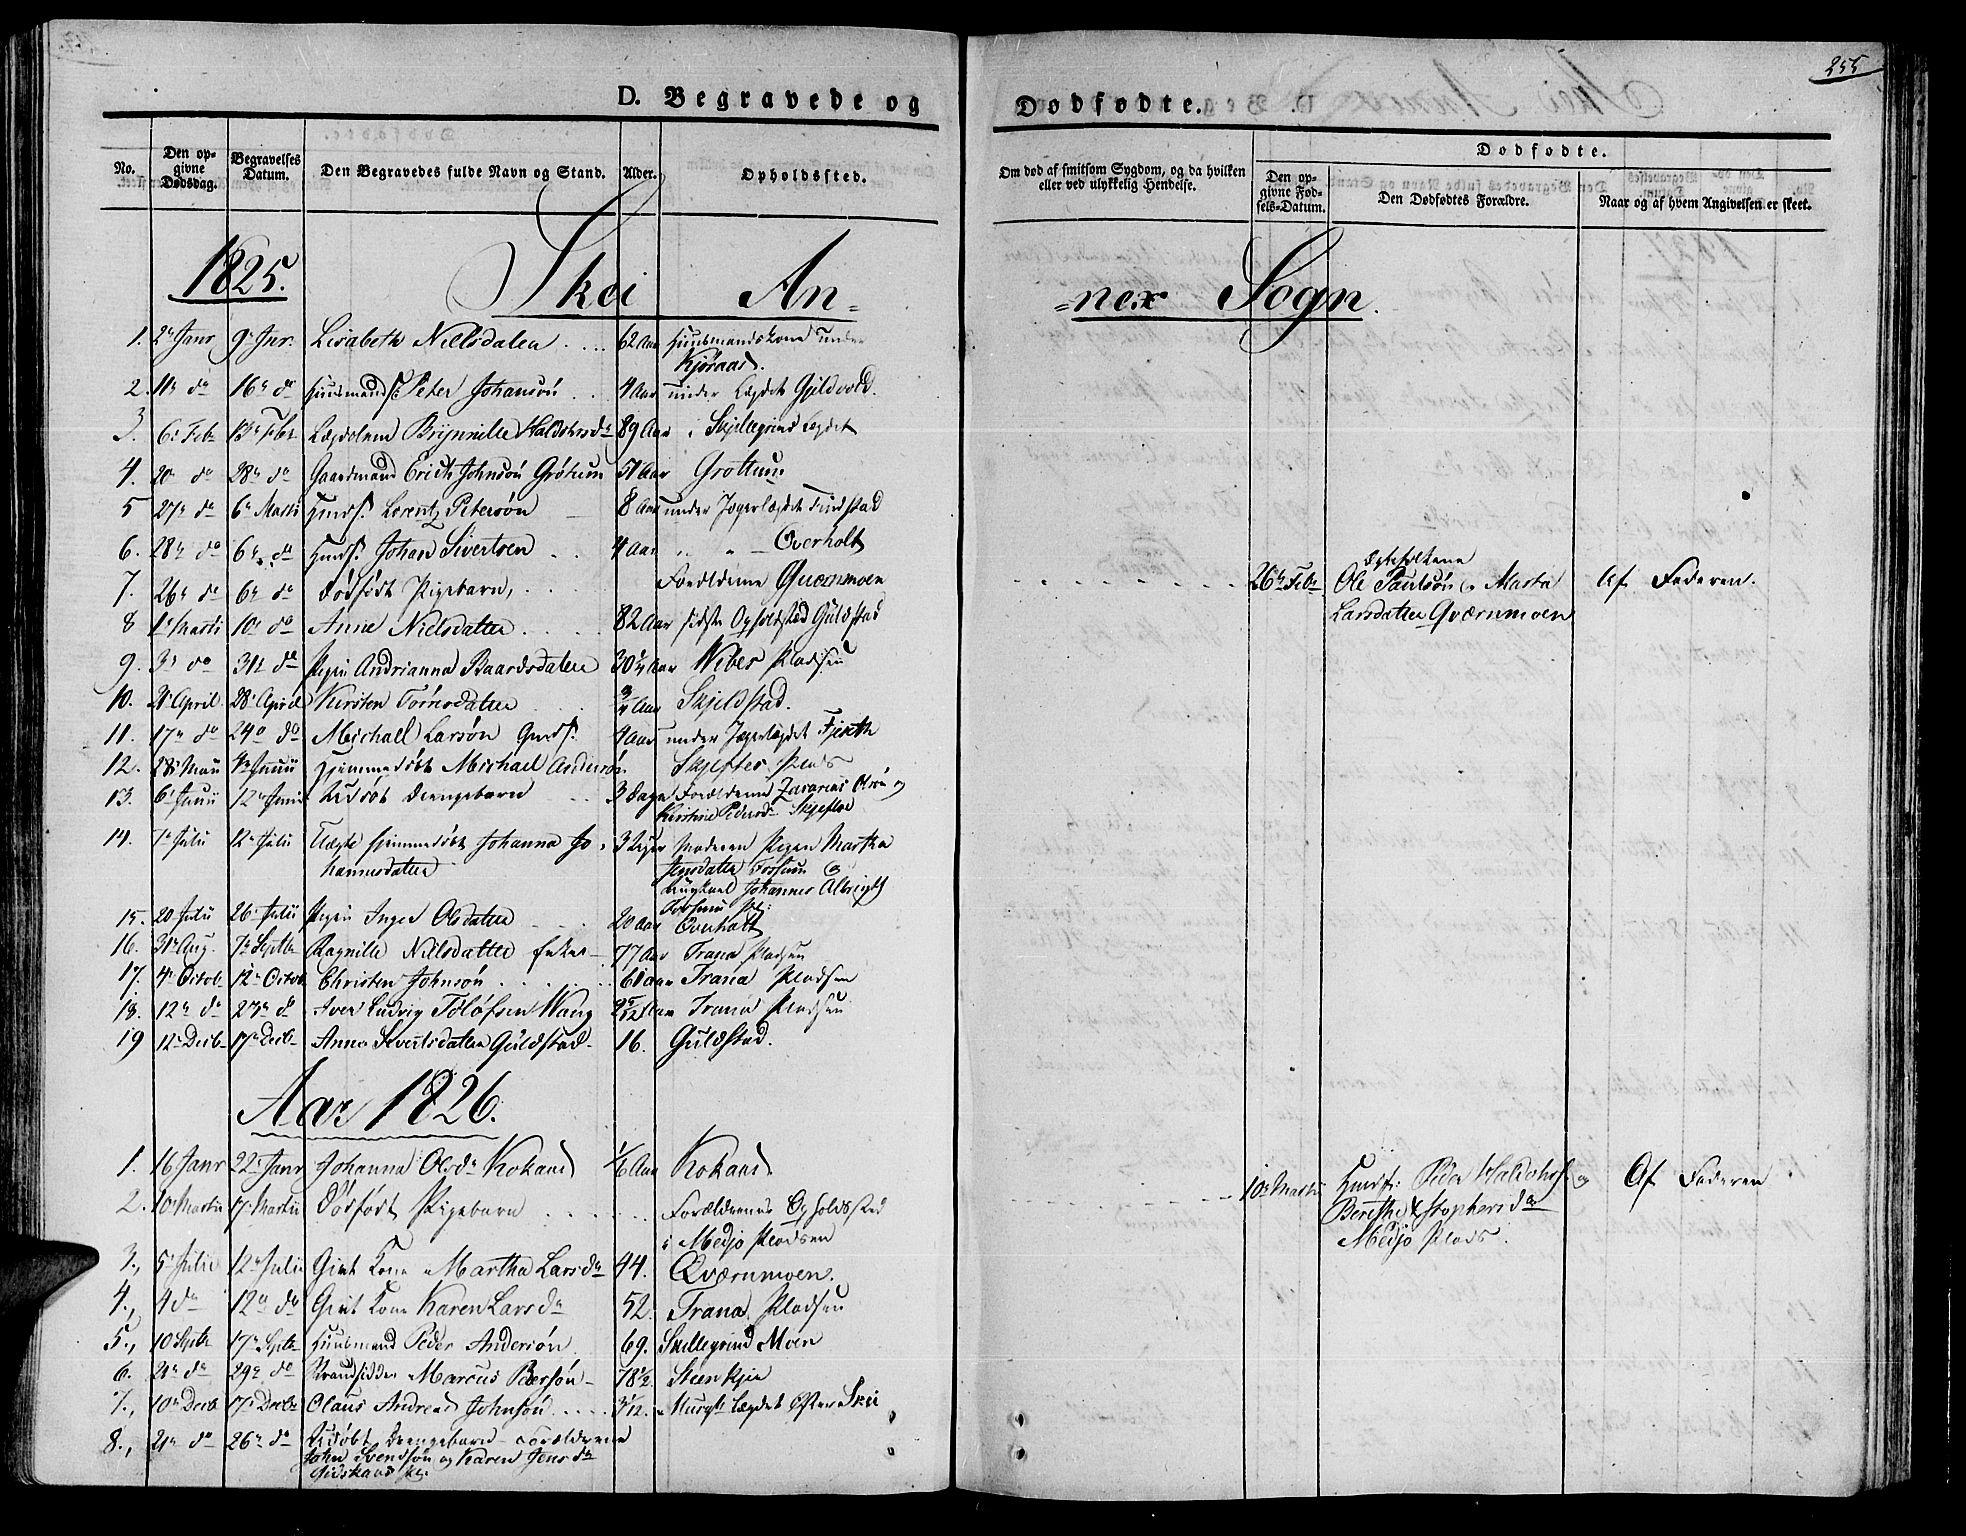 SAT, Ministerialprotokoller, klokkerbøker og fødselsregistre - Nord-Trøndelag, 735/L0336: Ministerialbok nr. 735A05 /2, 1825-1835, s. 255